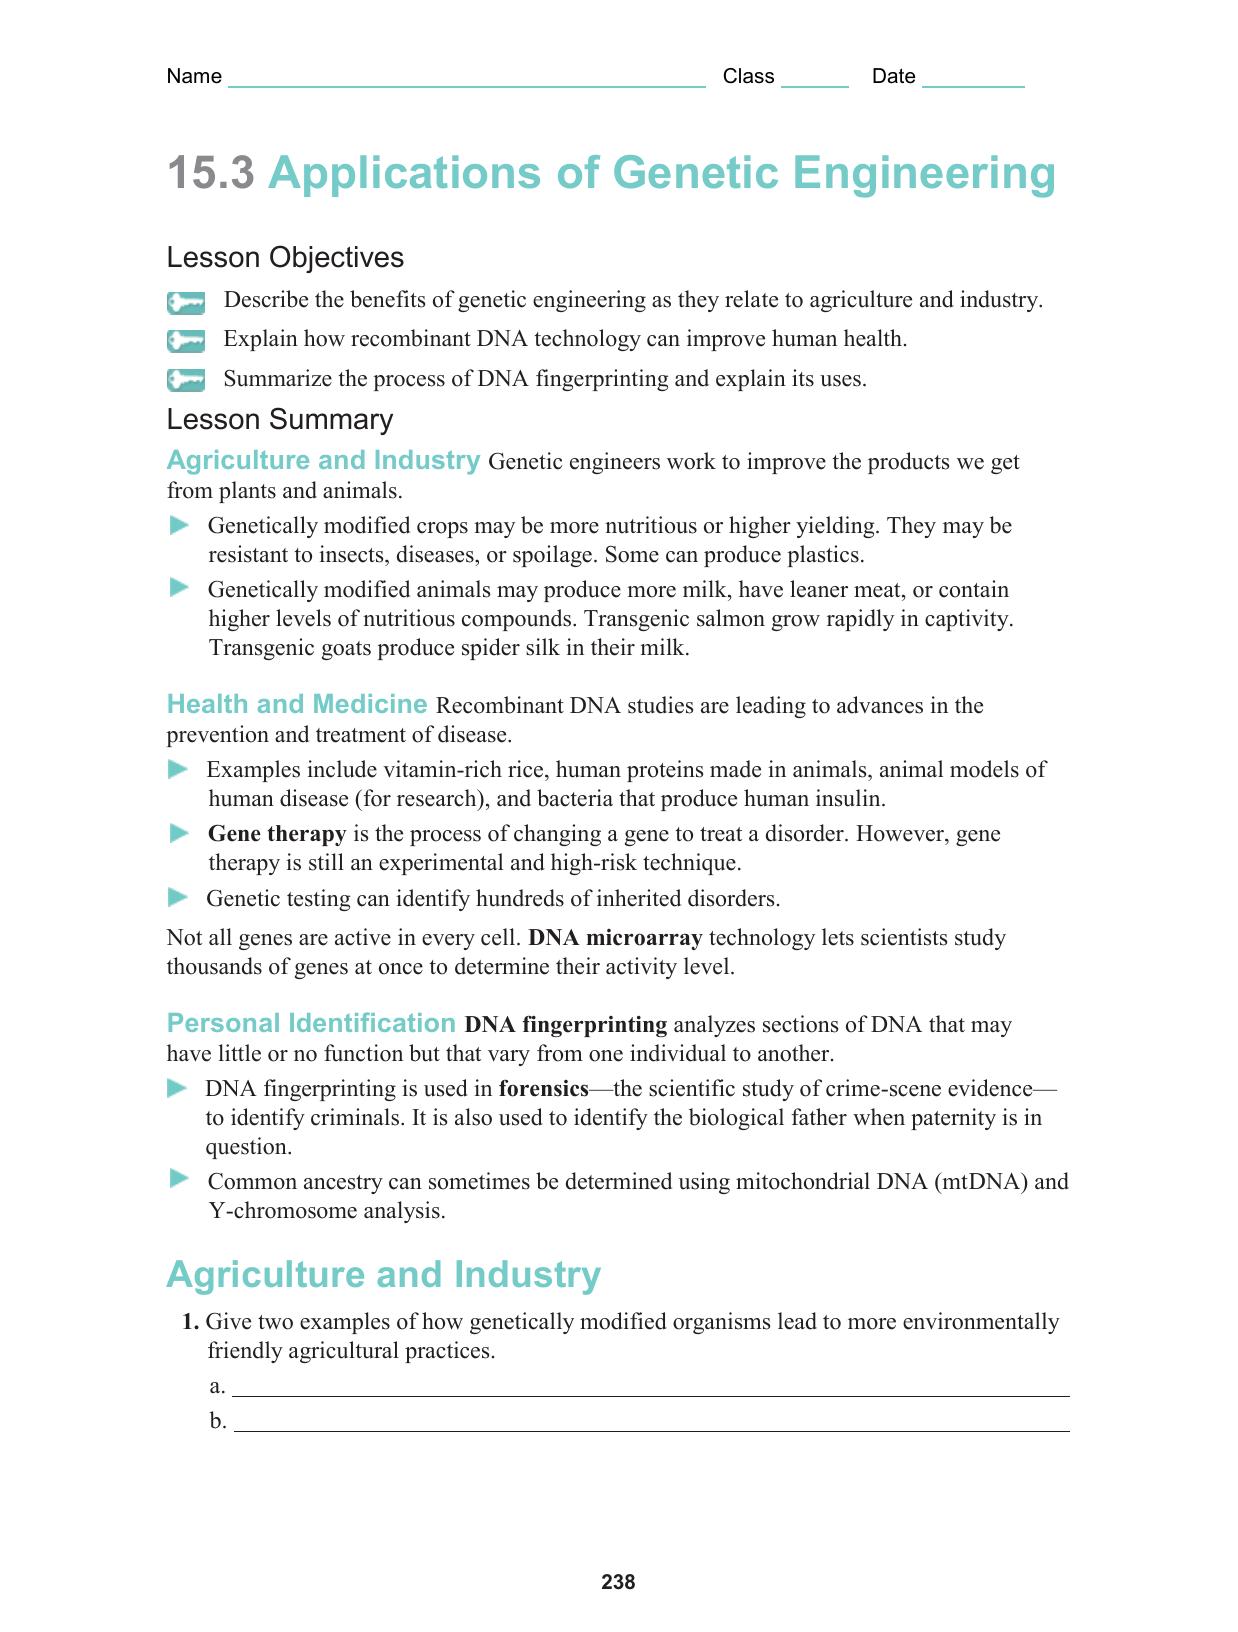 Worksheet 15.3 Applications of Genetic Engineering